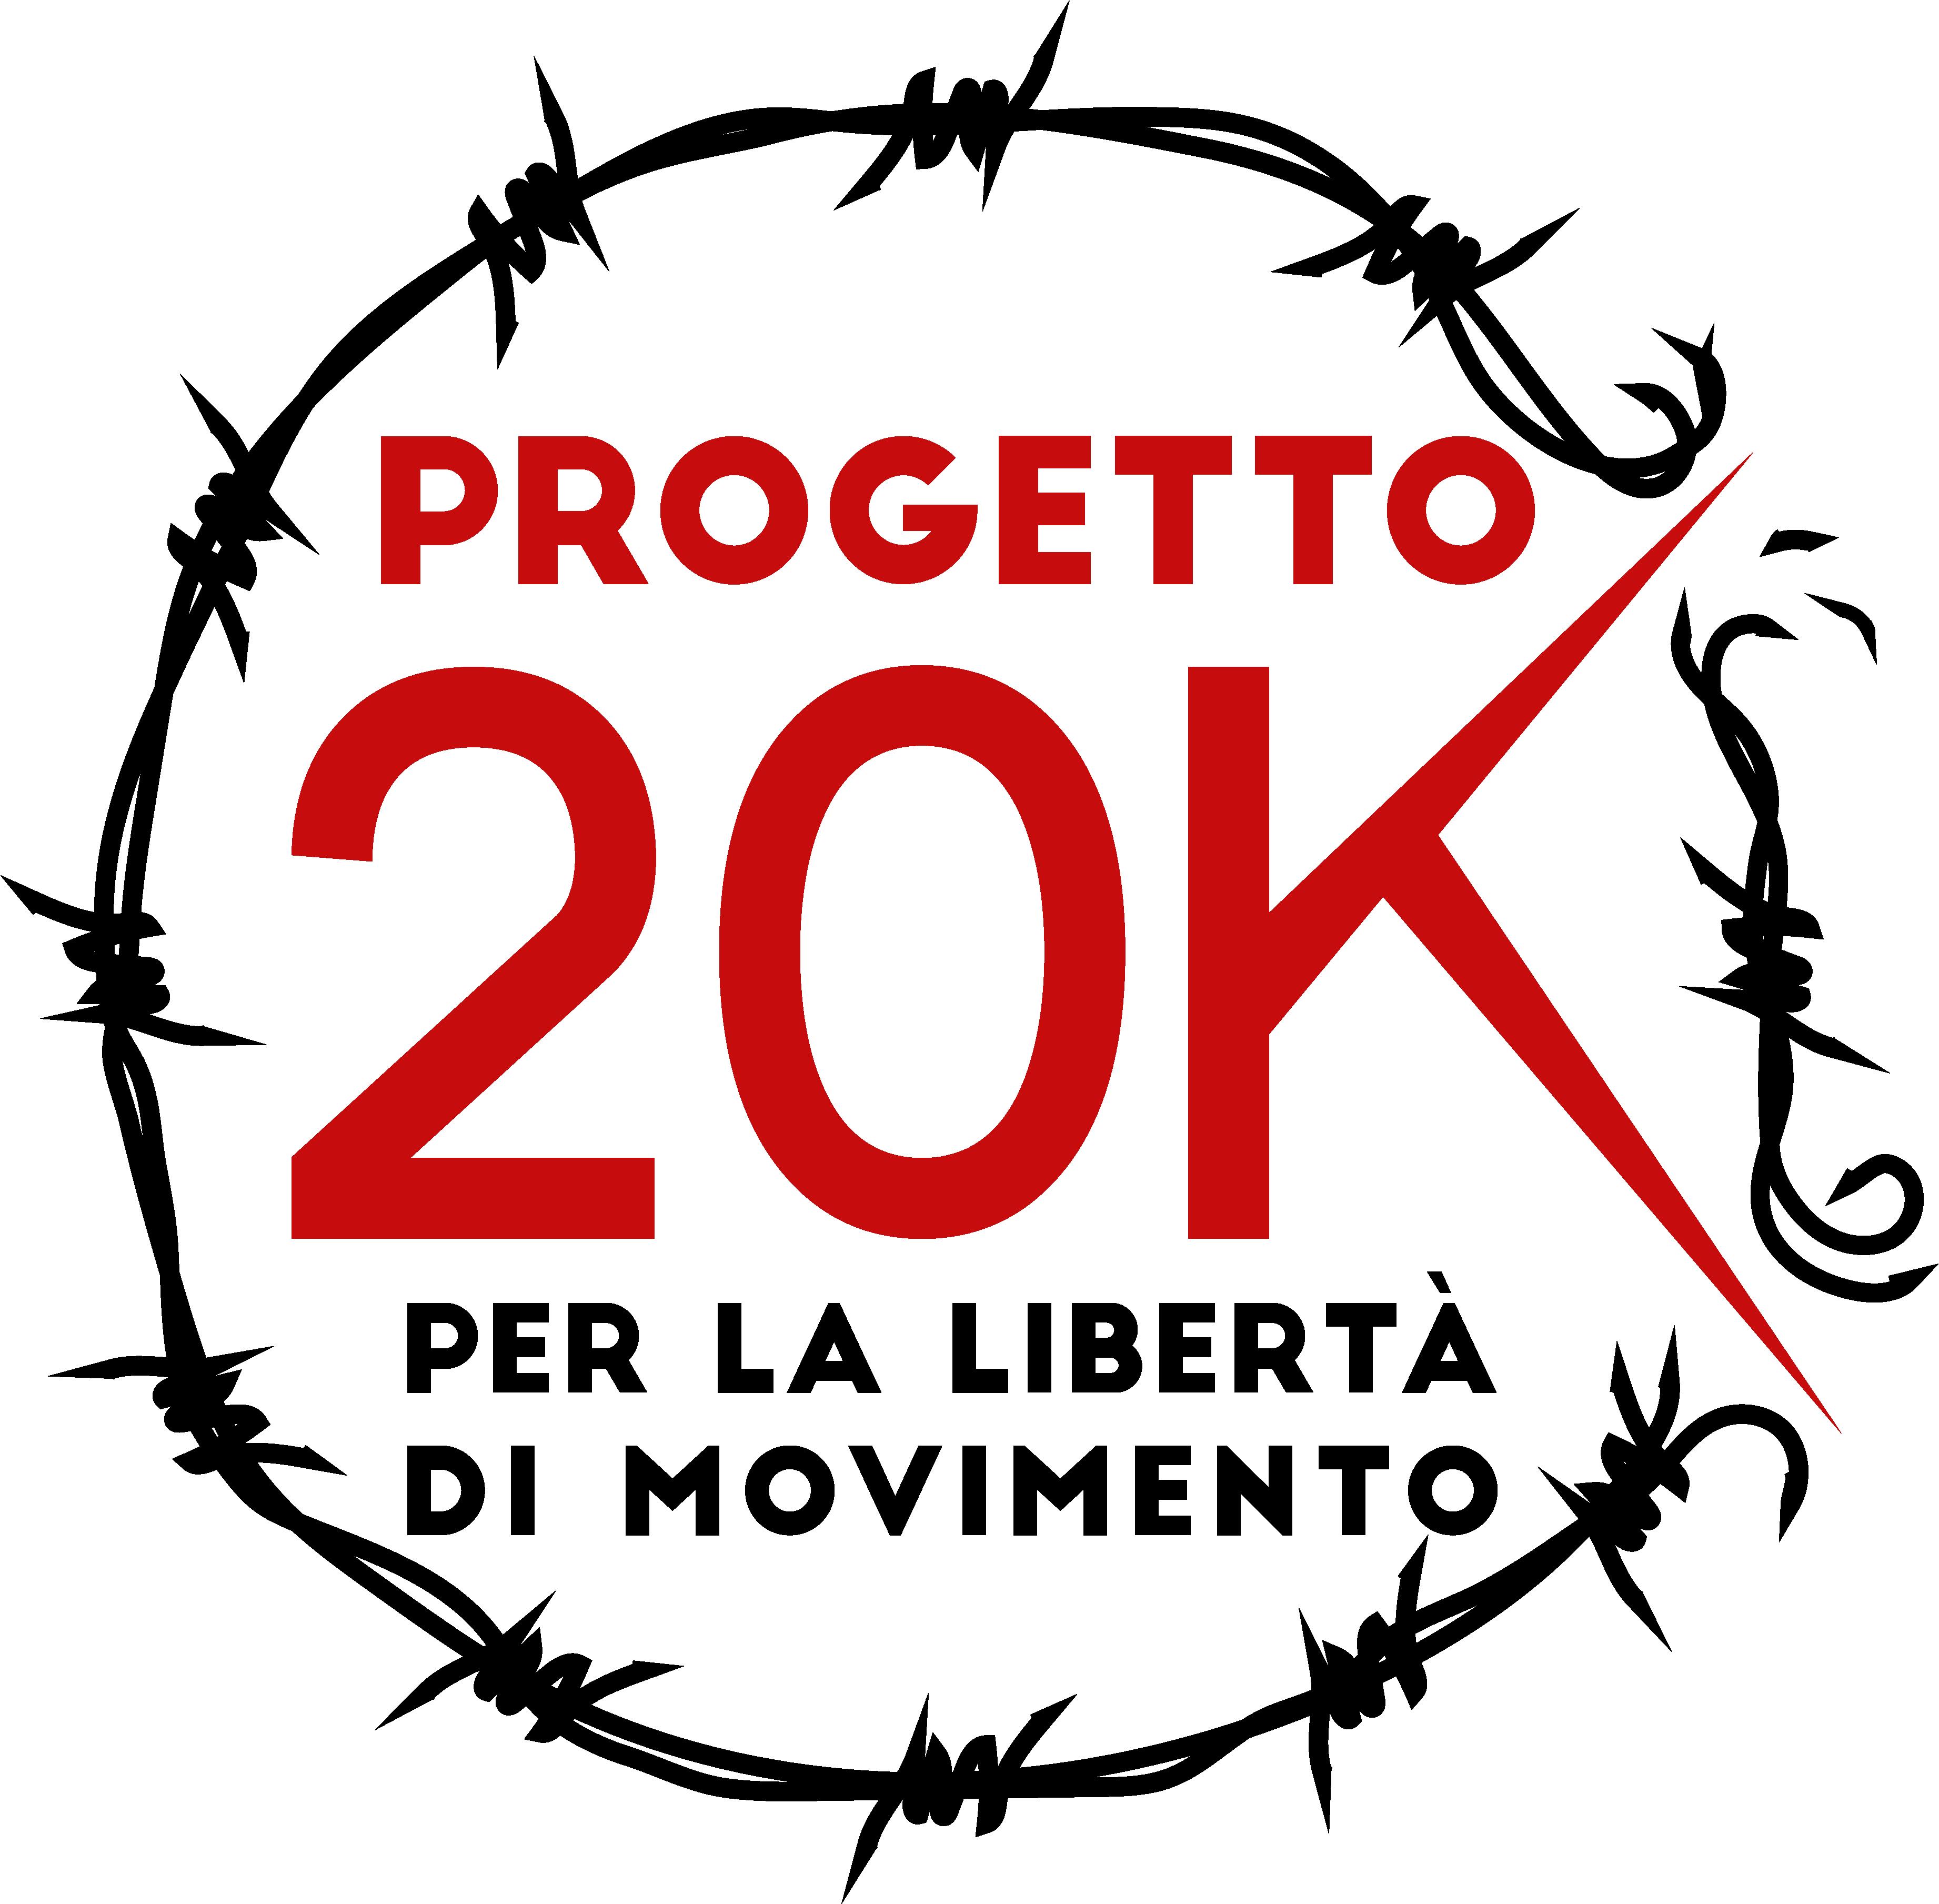 Porgett 20K